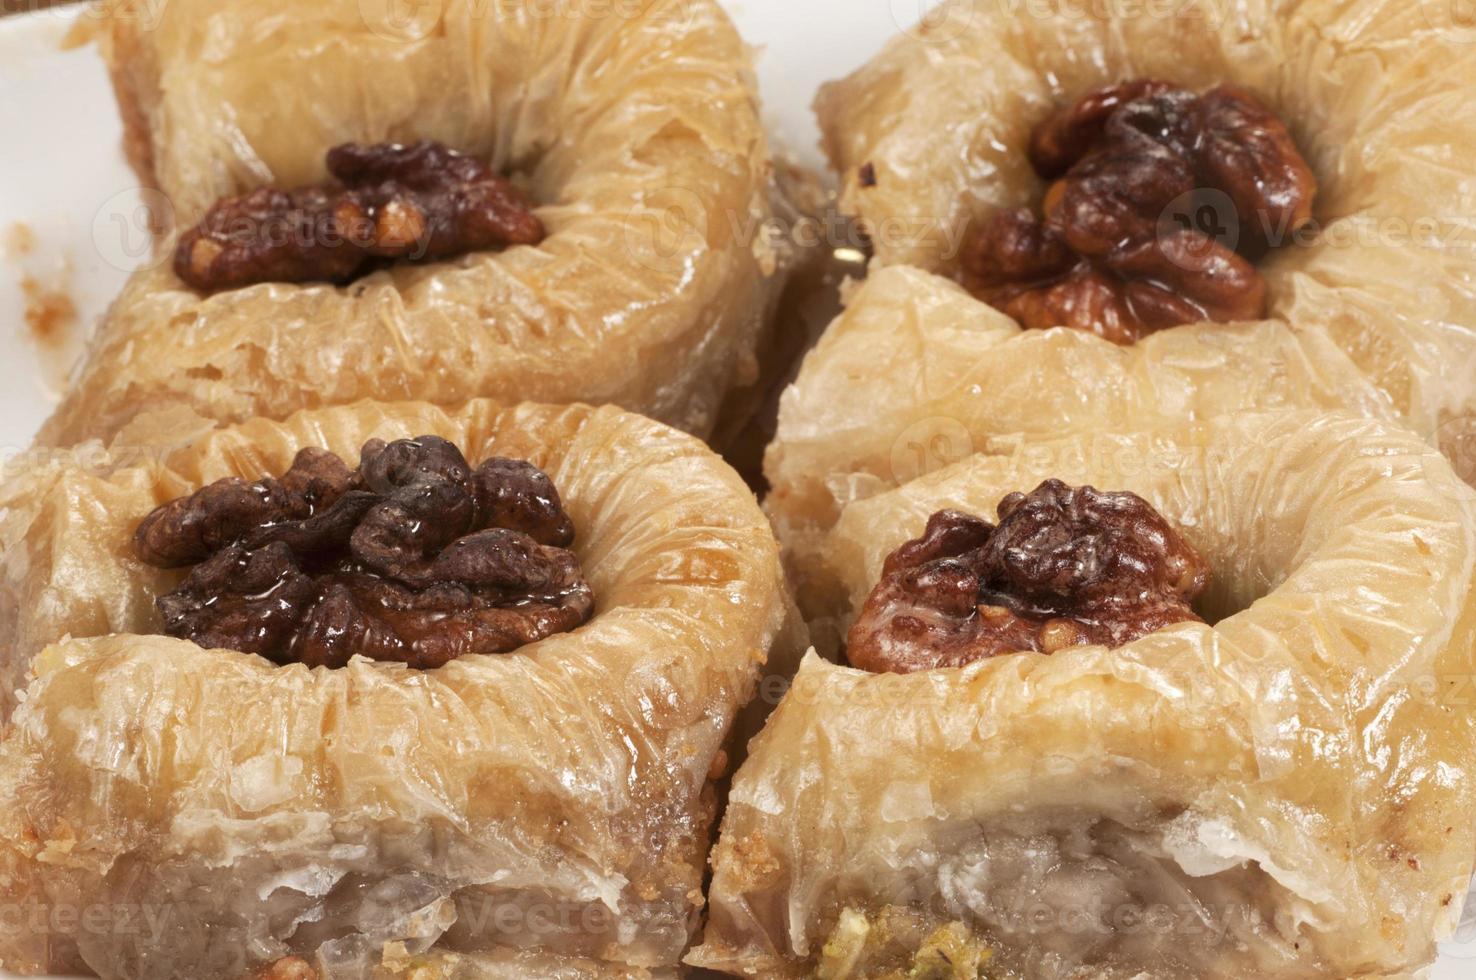 baklava aux noix 'sultan' photo